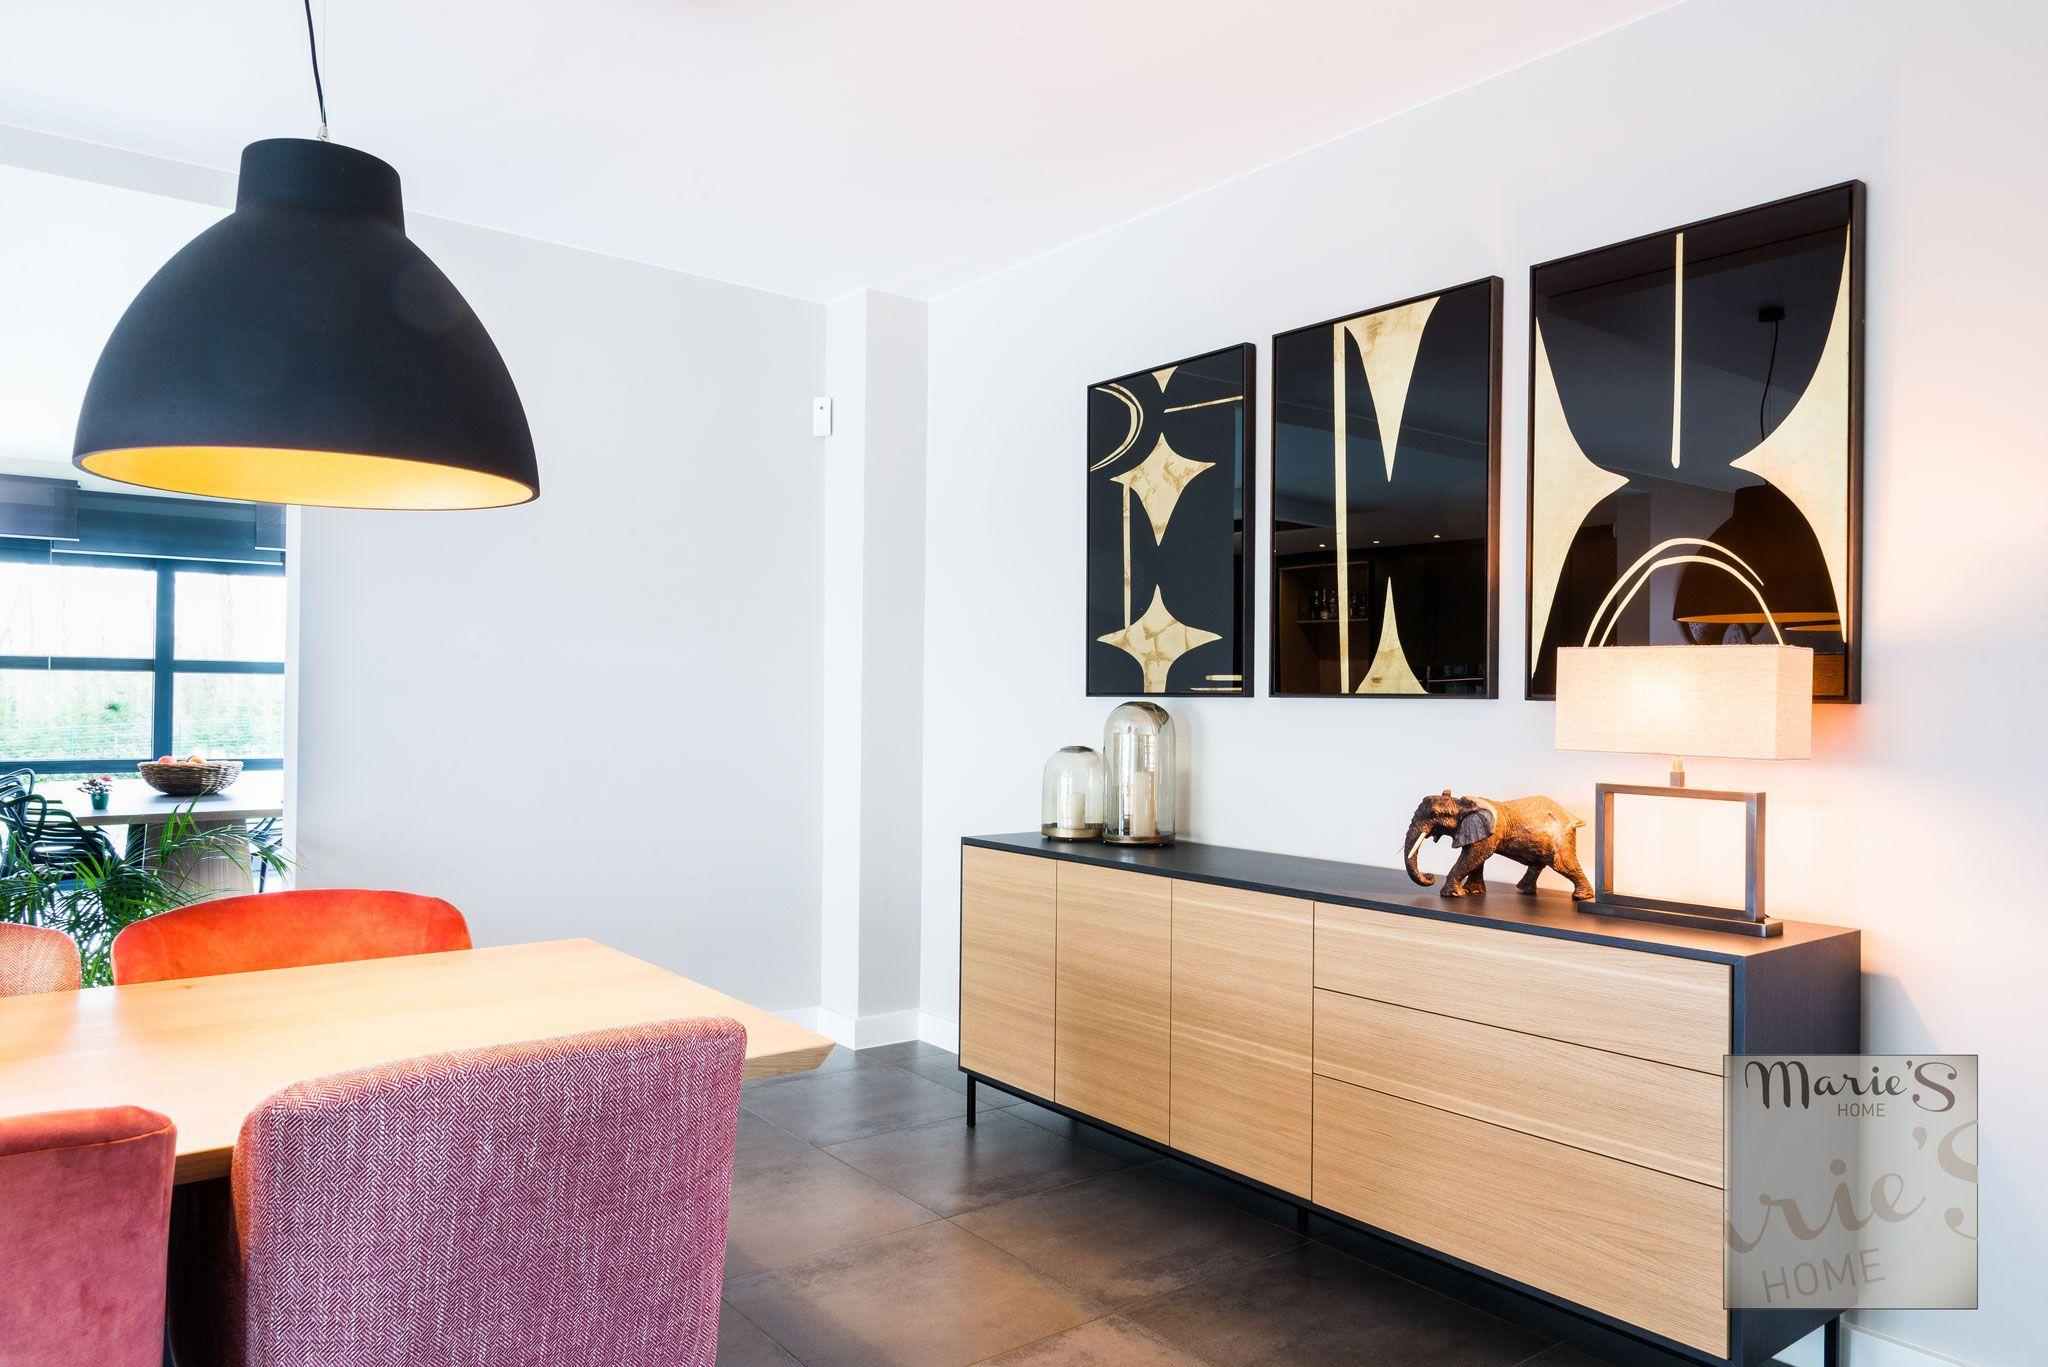 Epingle Par Marie S Home Sur Realisation Marie S Home En 2020 Avec Images Villa